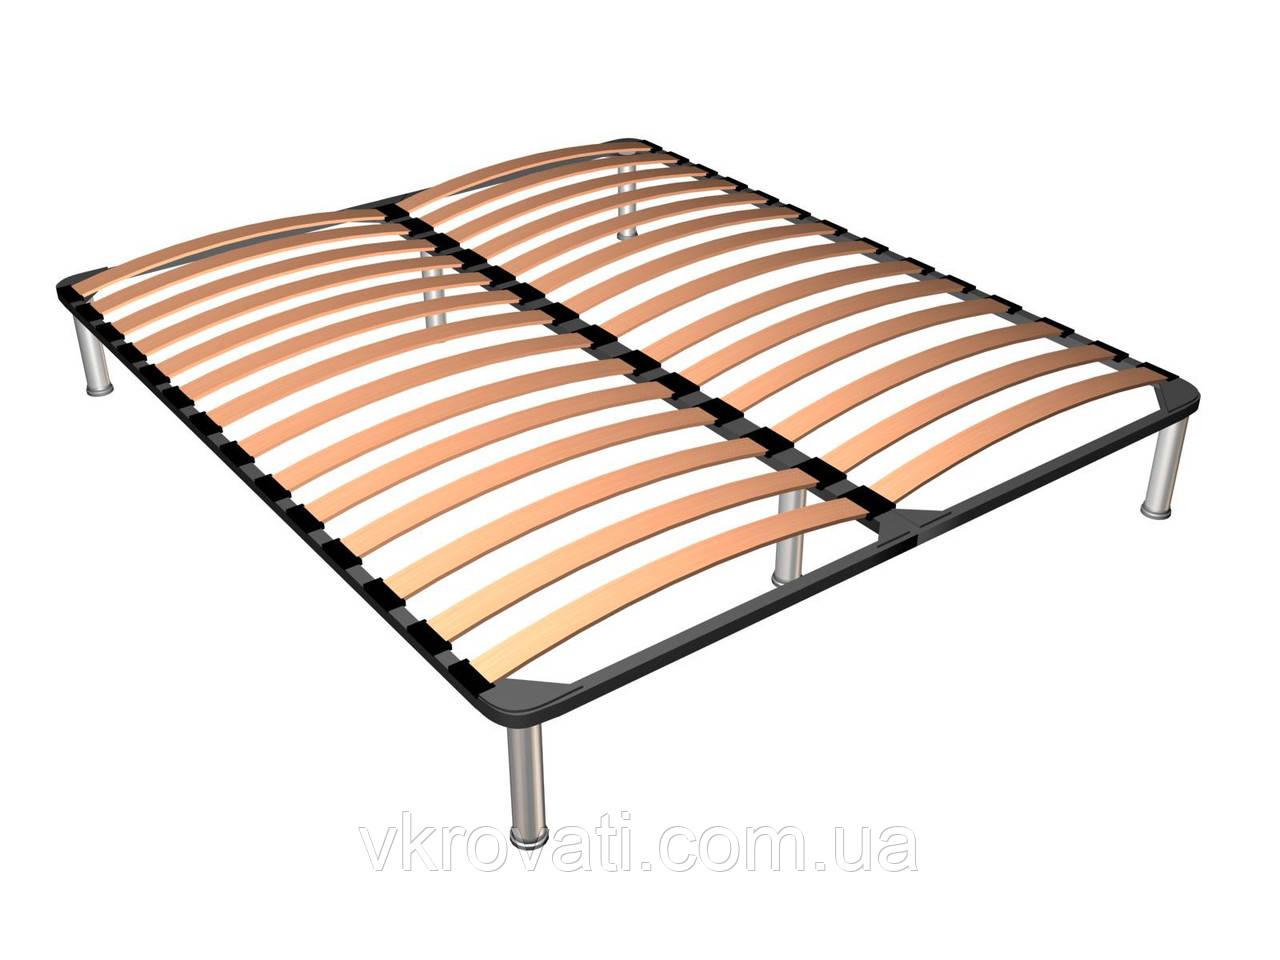 Каркас кровати 180*190 стандартный с ножками